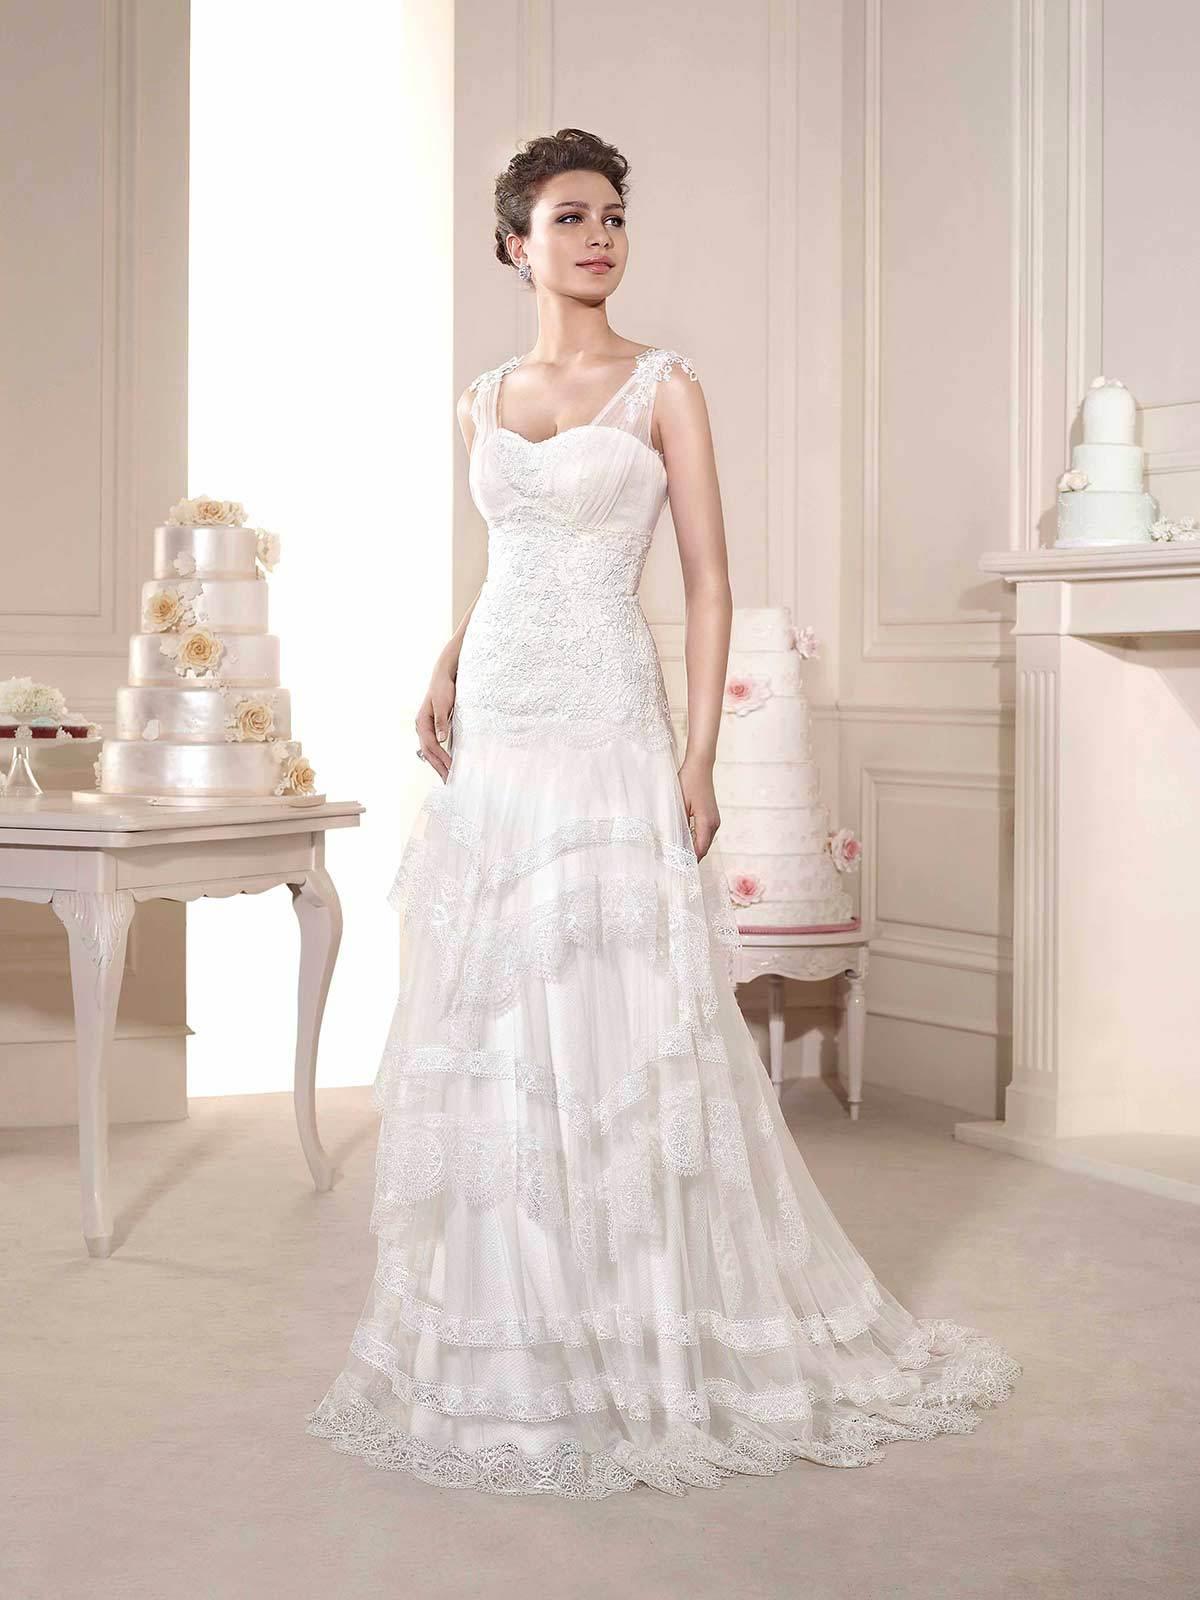 Brautkleid bella von Novia DArt auf Ja.de